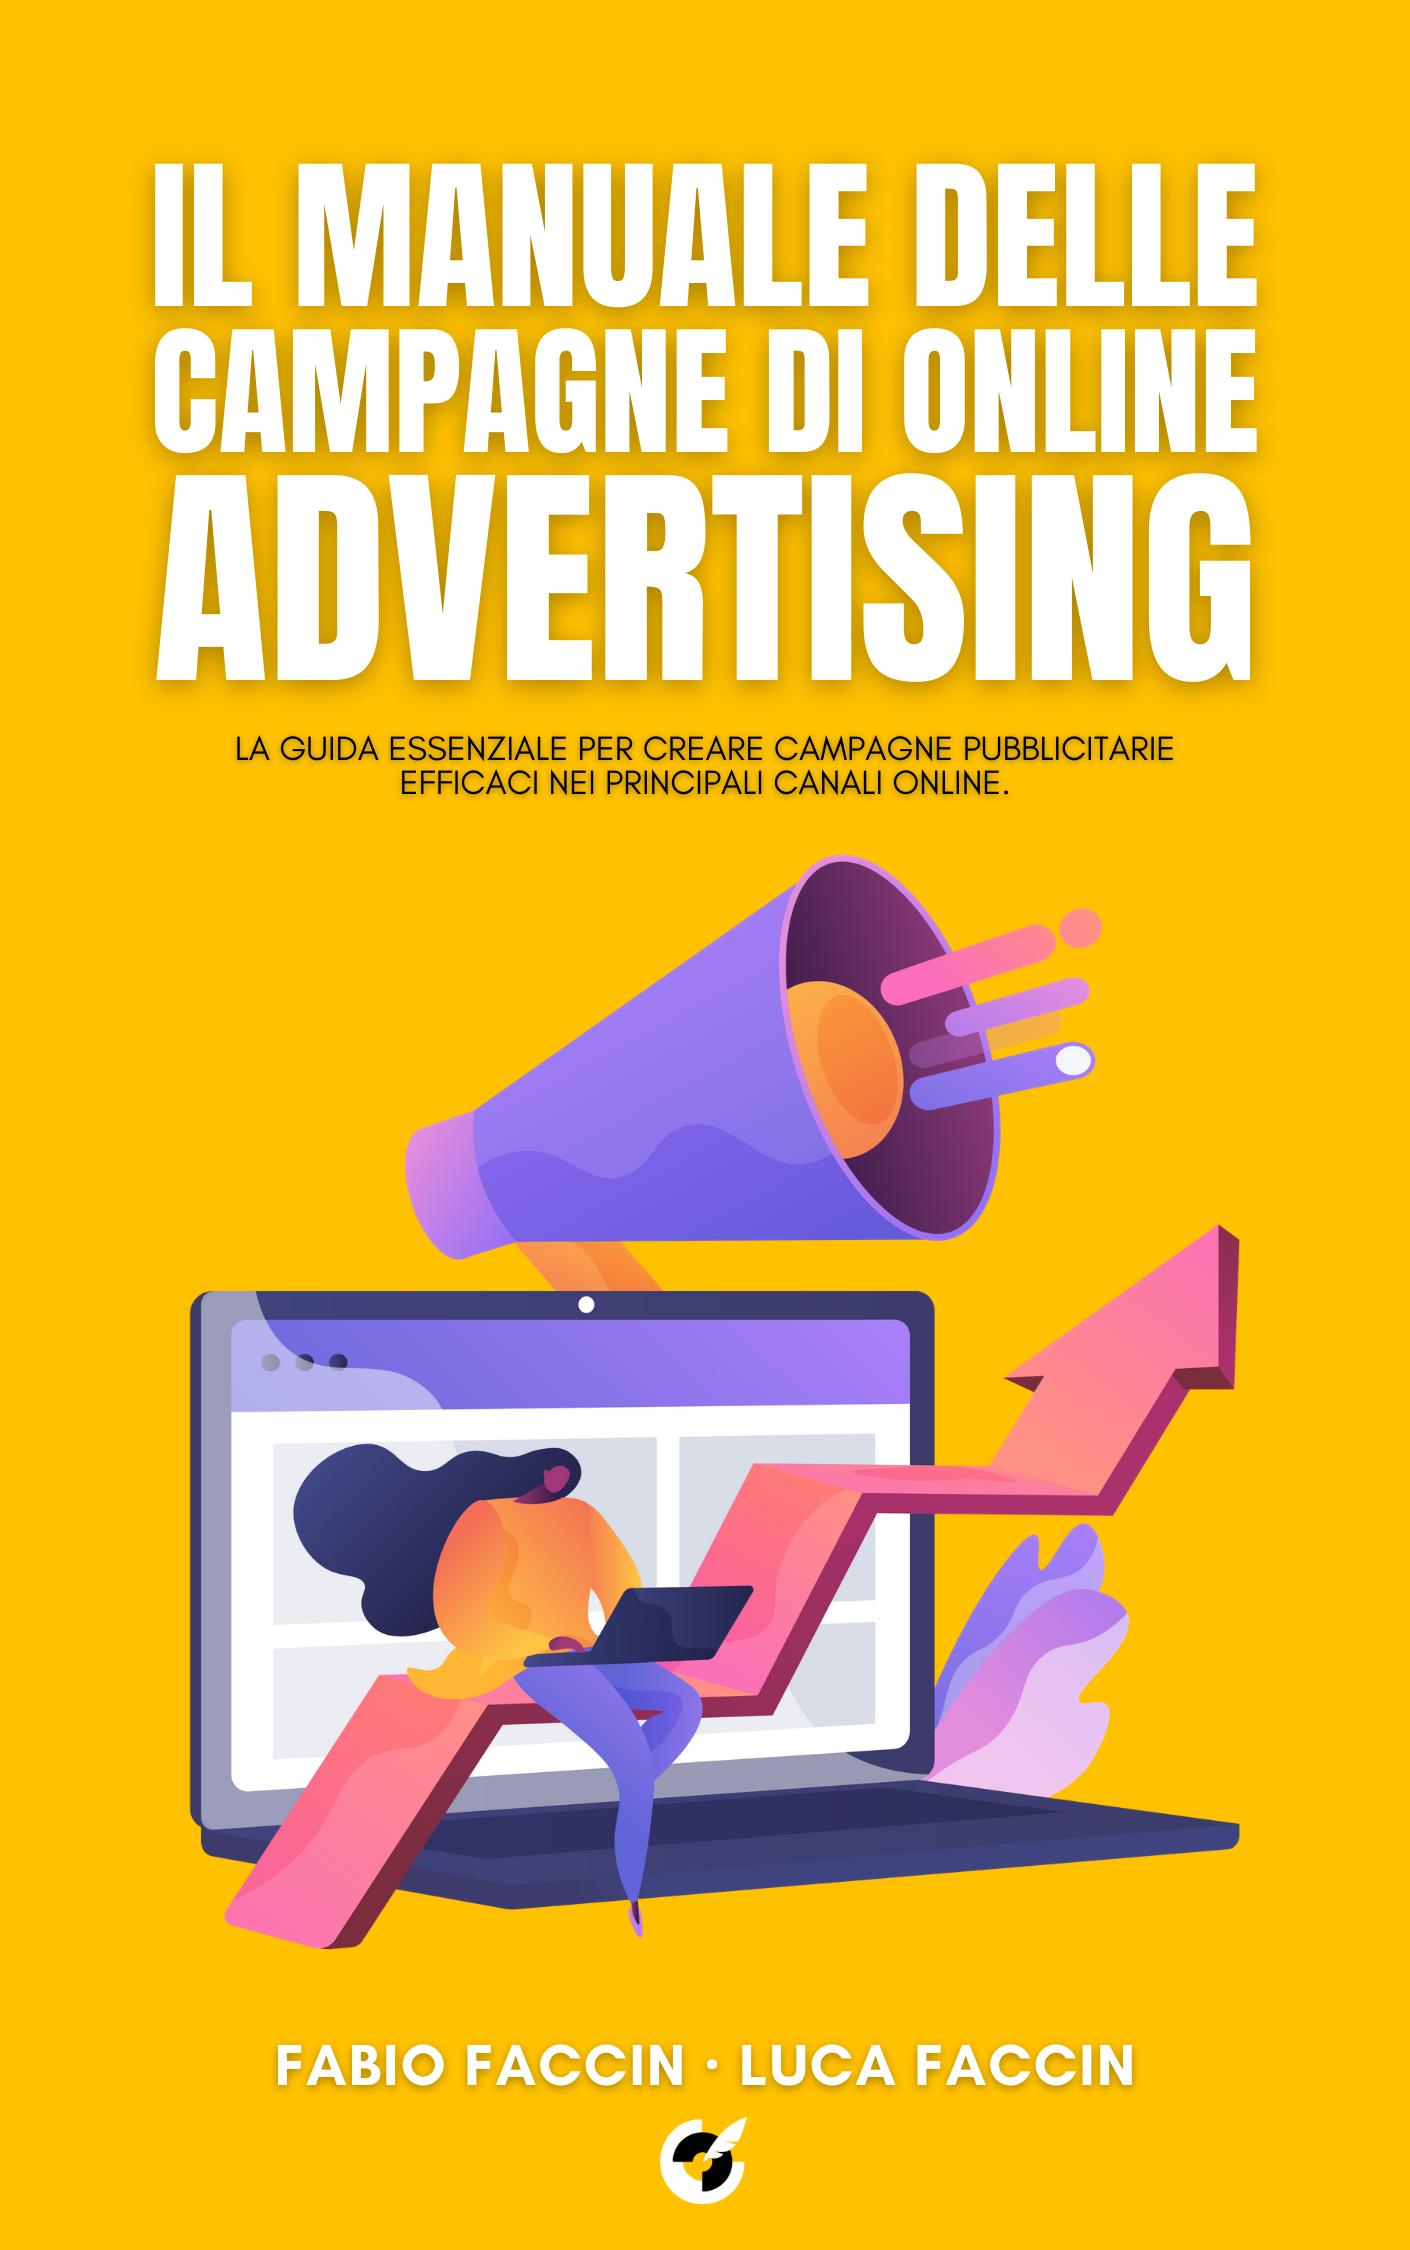 Il manuale delle campagne di online advertising libro fronte.